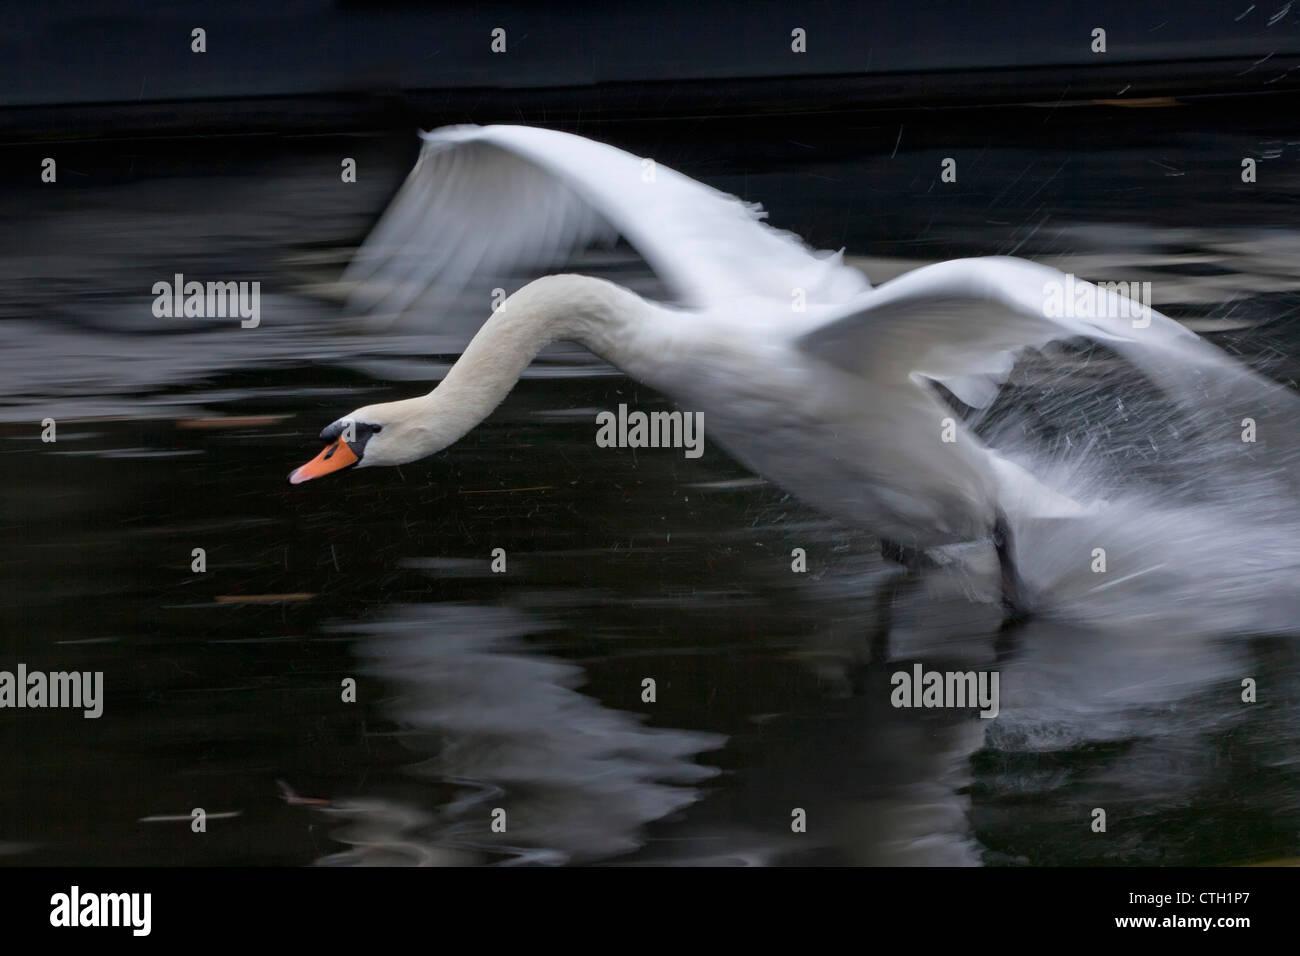 The Netherlands, 's-Graveland, Mute swan landing, (Cygnus olor ). - Stock Image